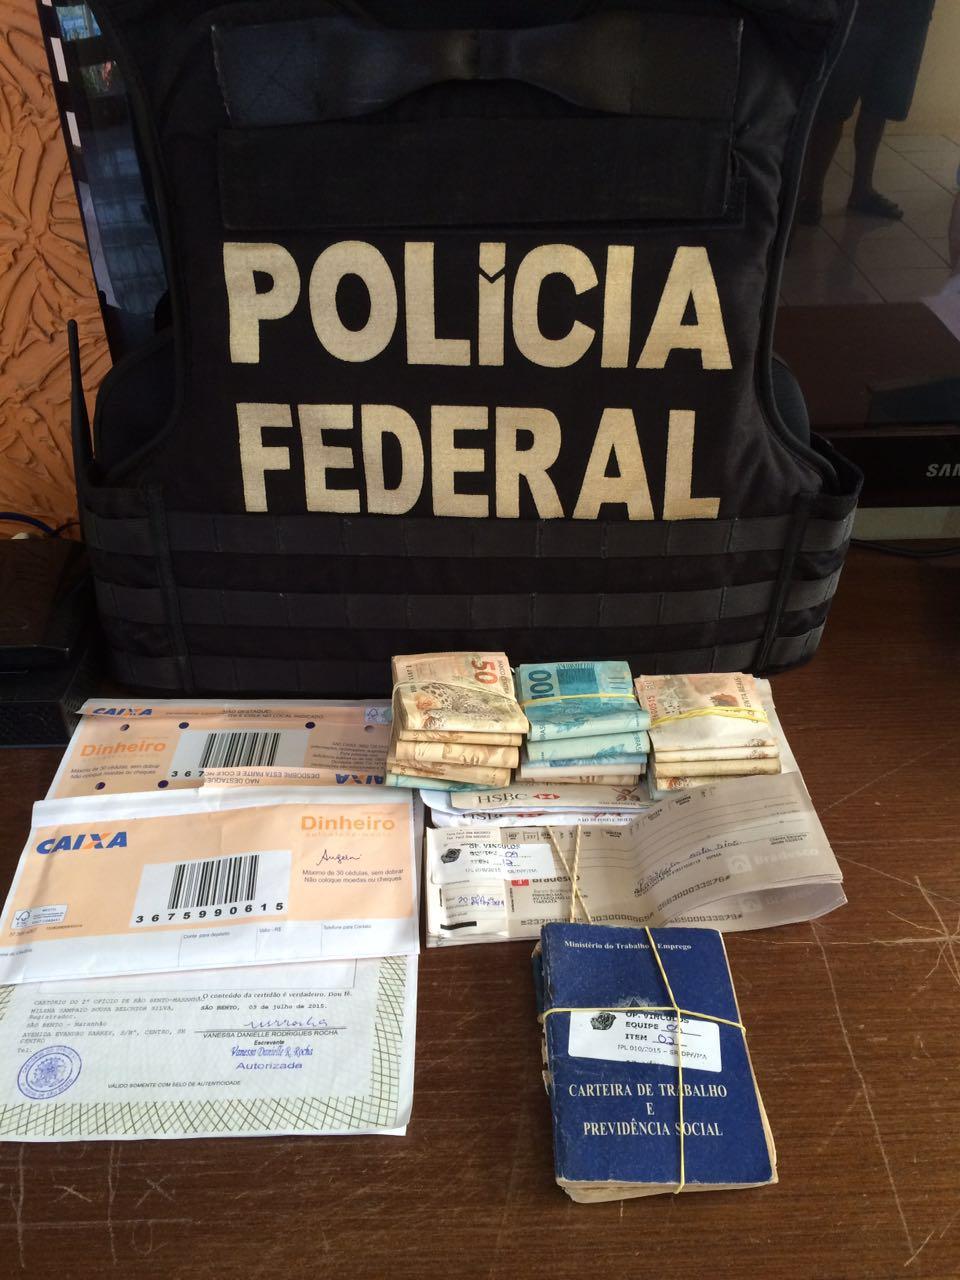 Documentos e dinheiro apreendidos na Operação Vínculos, ação da Força-Tarefa Previdenciária no Maranhão. Fotos: Divulgação/Polícia Federal